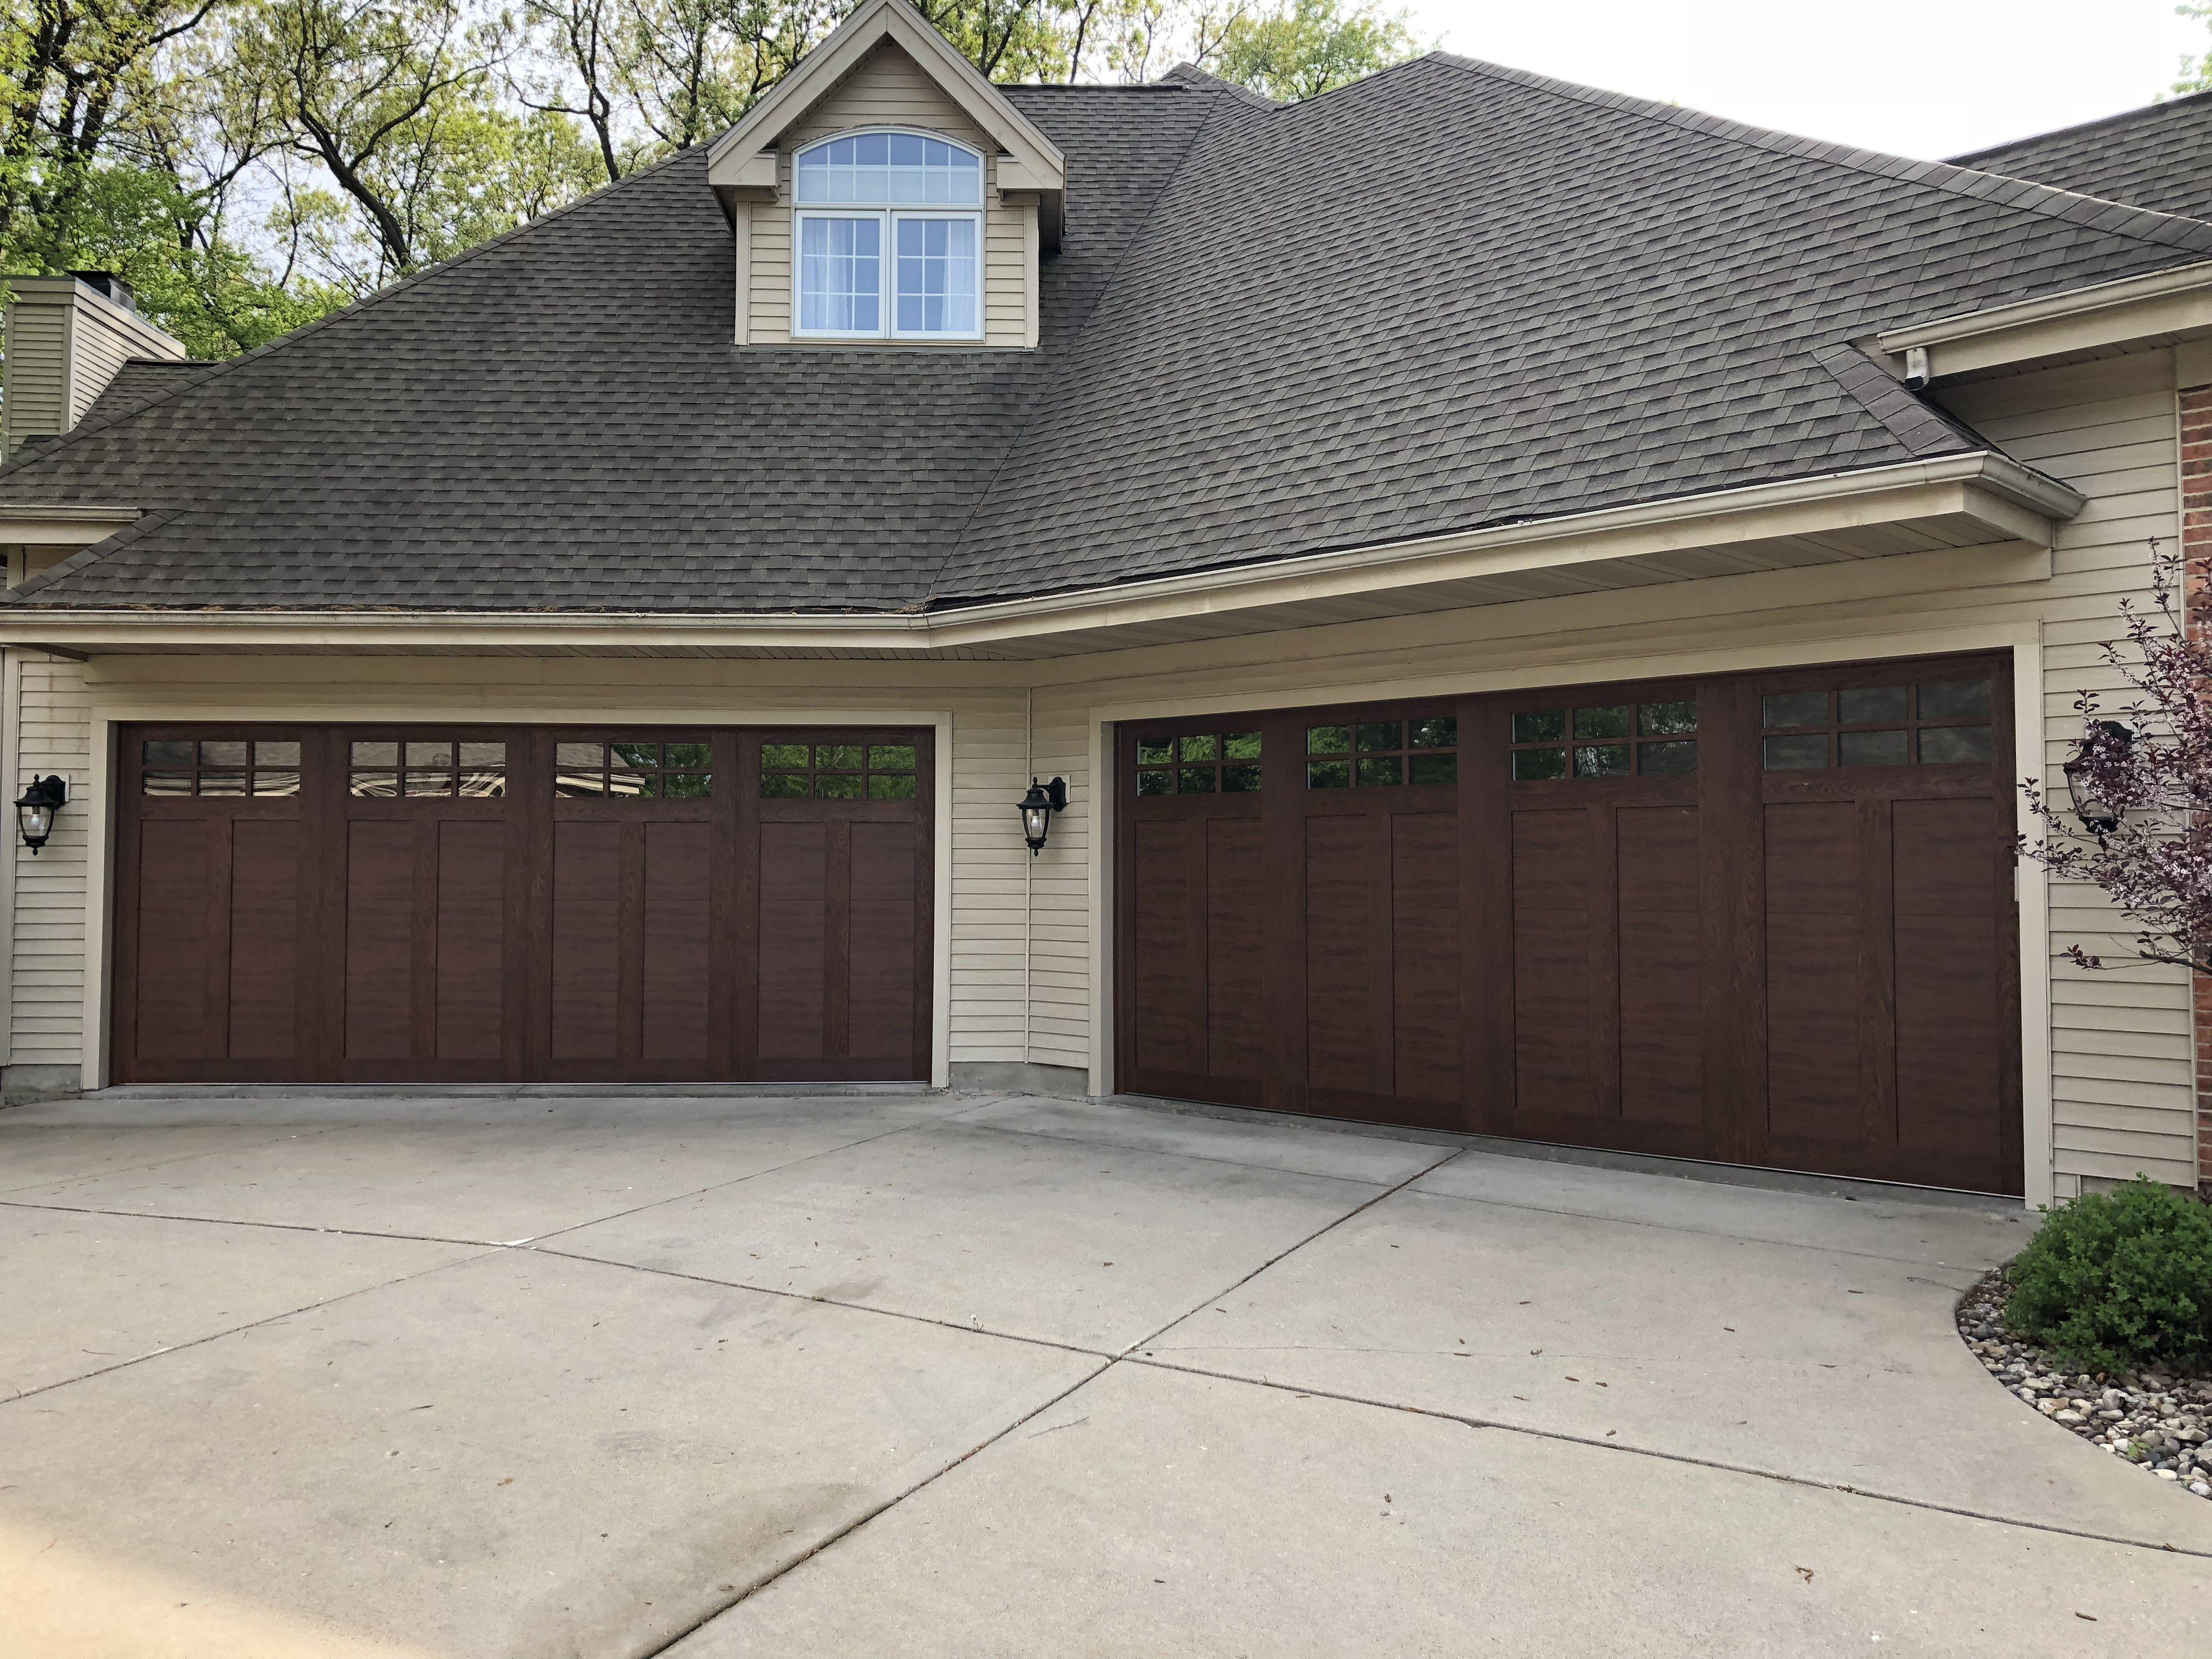 Canyon Ridge Ultra Grain Walnut Finish Stunning Design Wood Overhead Doors Garage Door Repair Service Garage Doors